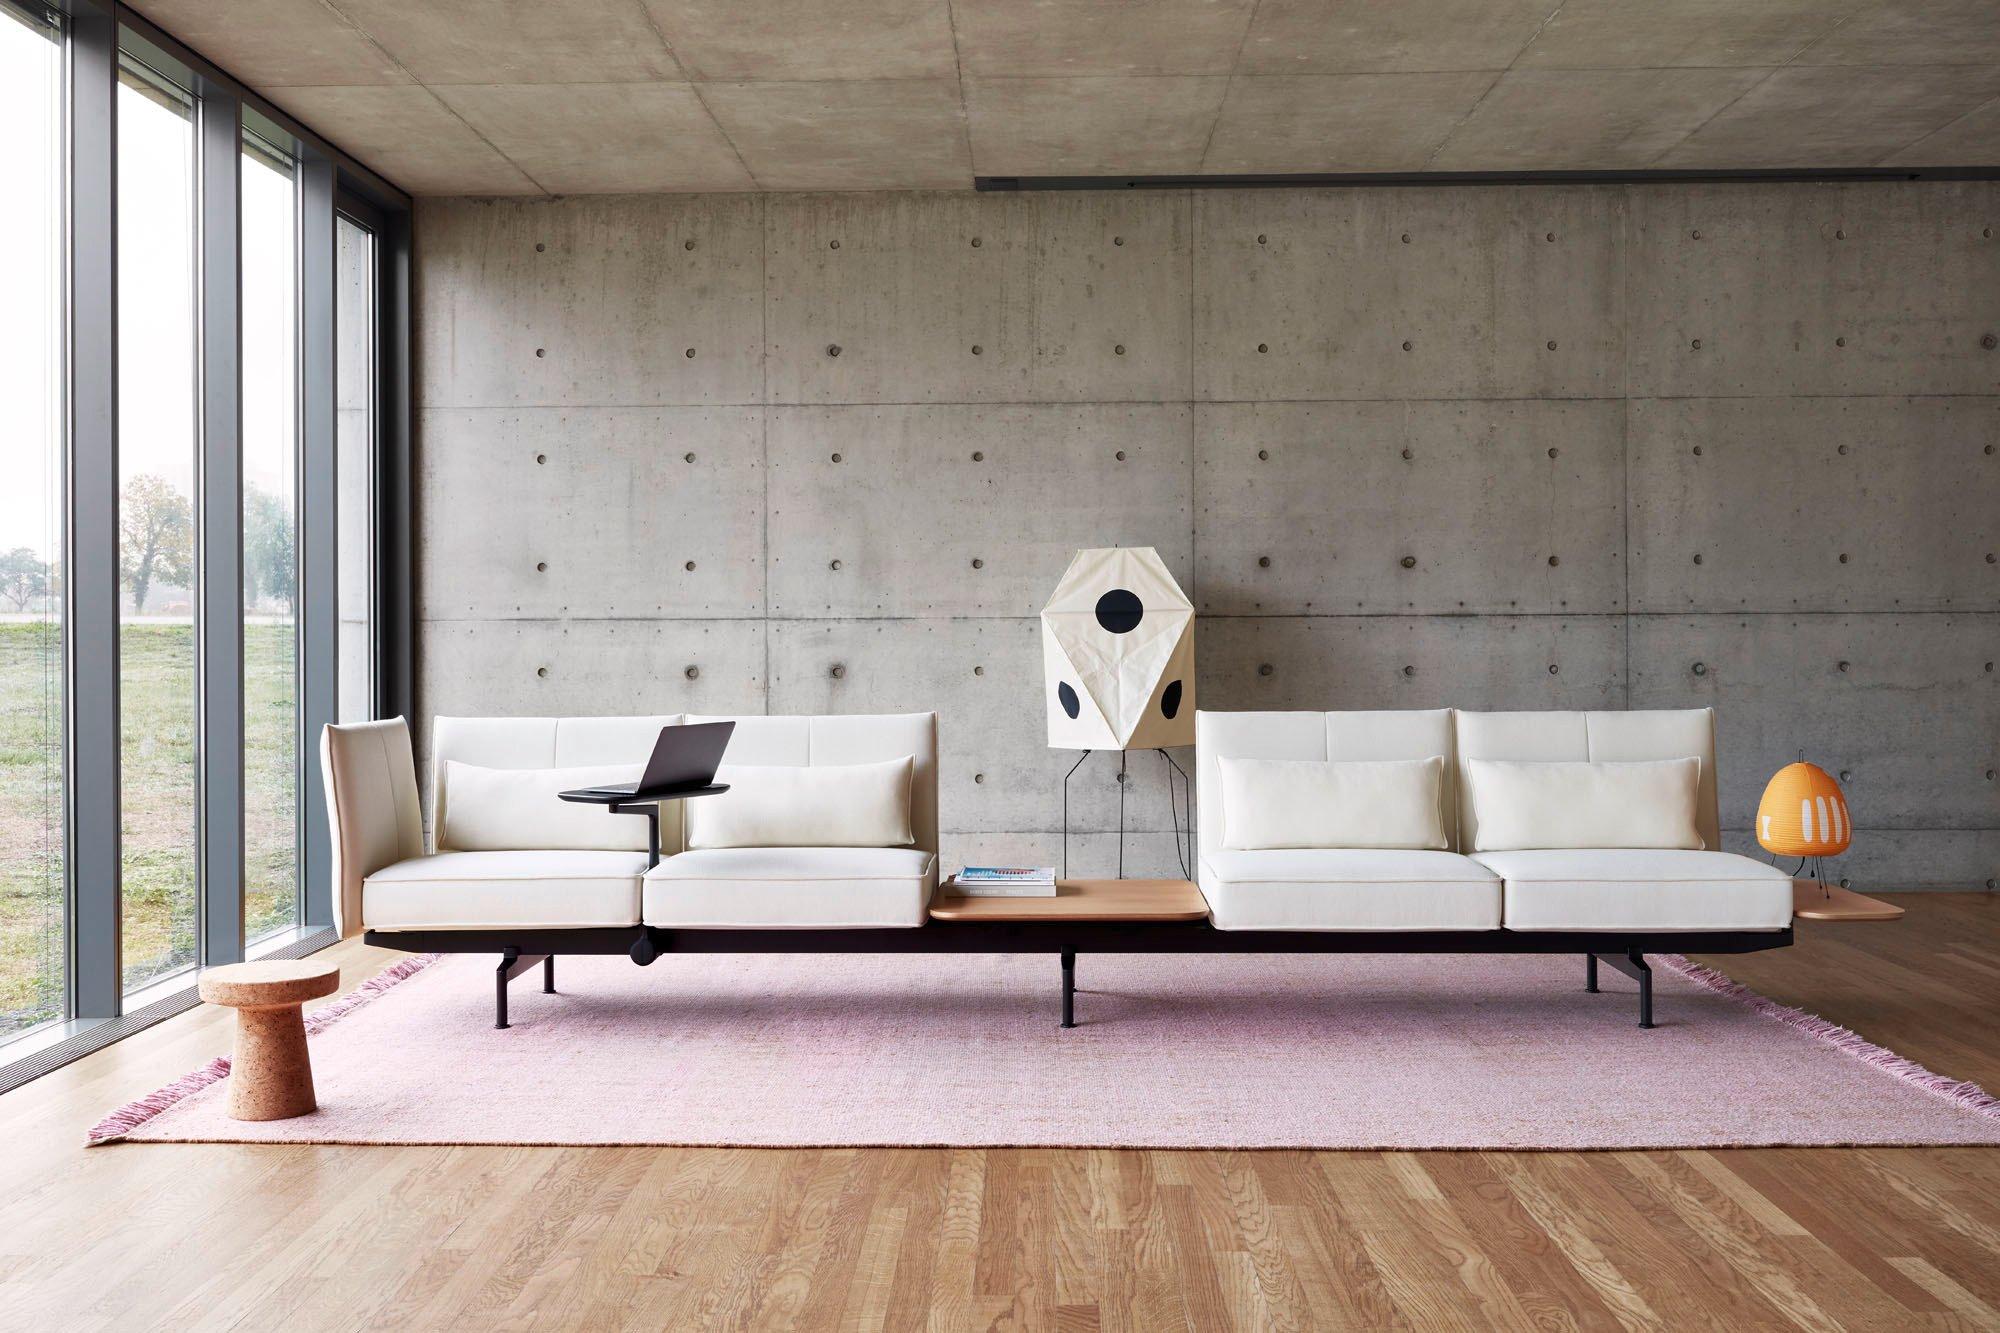 Sofa auf der Sitzhöhe eines Drehstuhls: Soft Work von Barber Osgerby für Vitra. Foto: Lorenz Cugini © Vitra